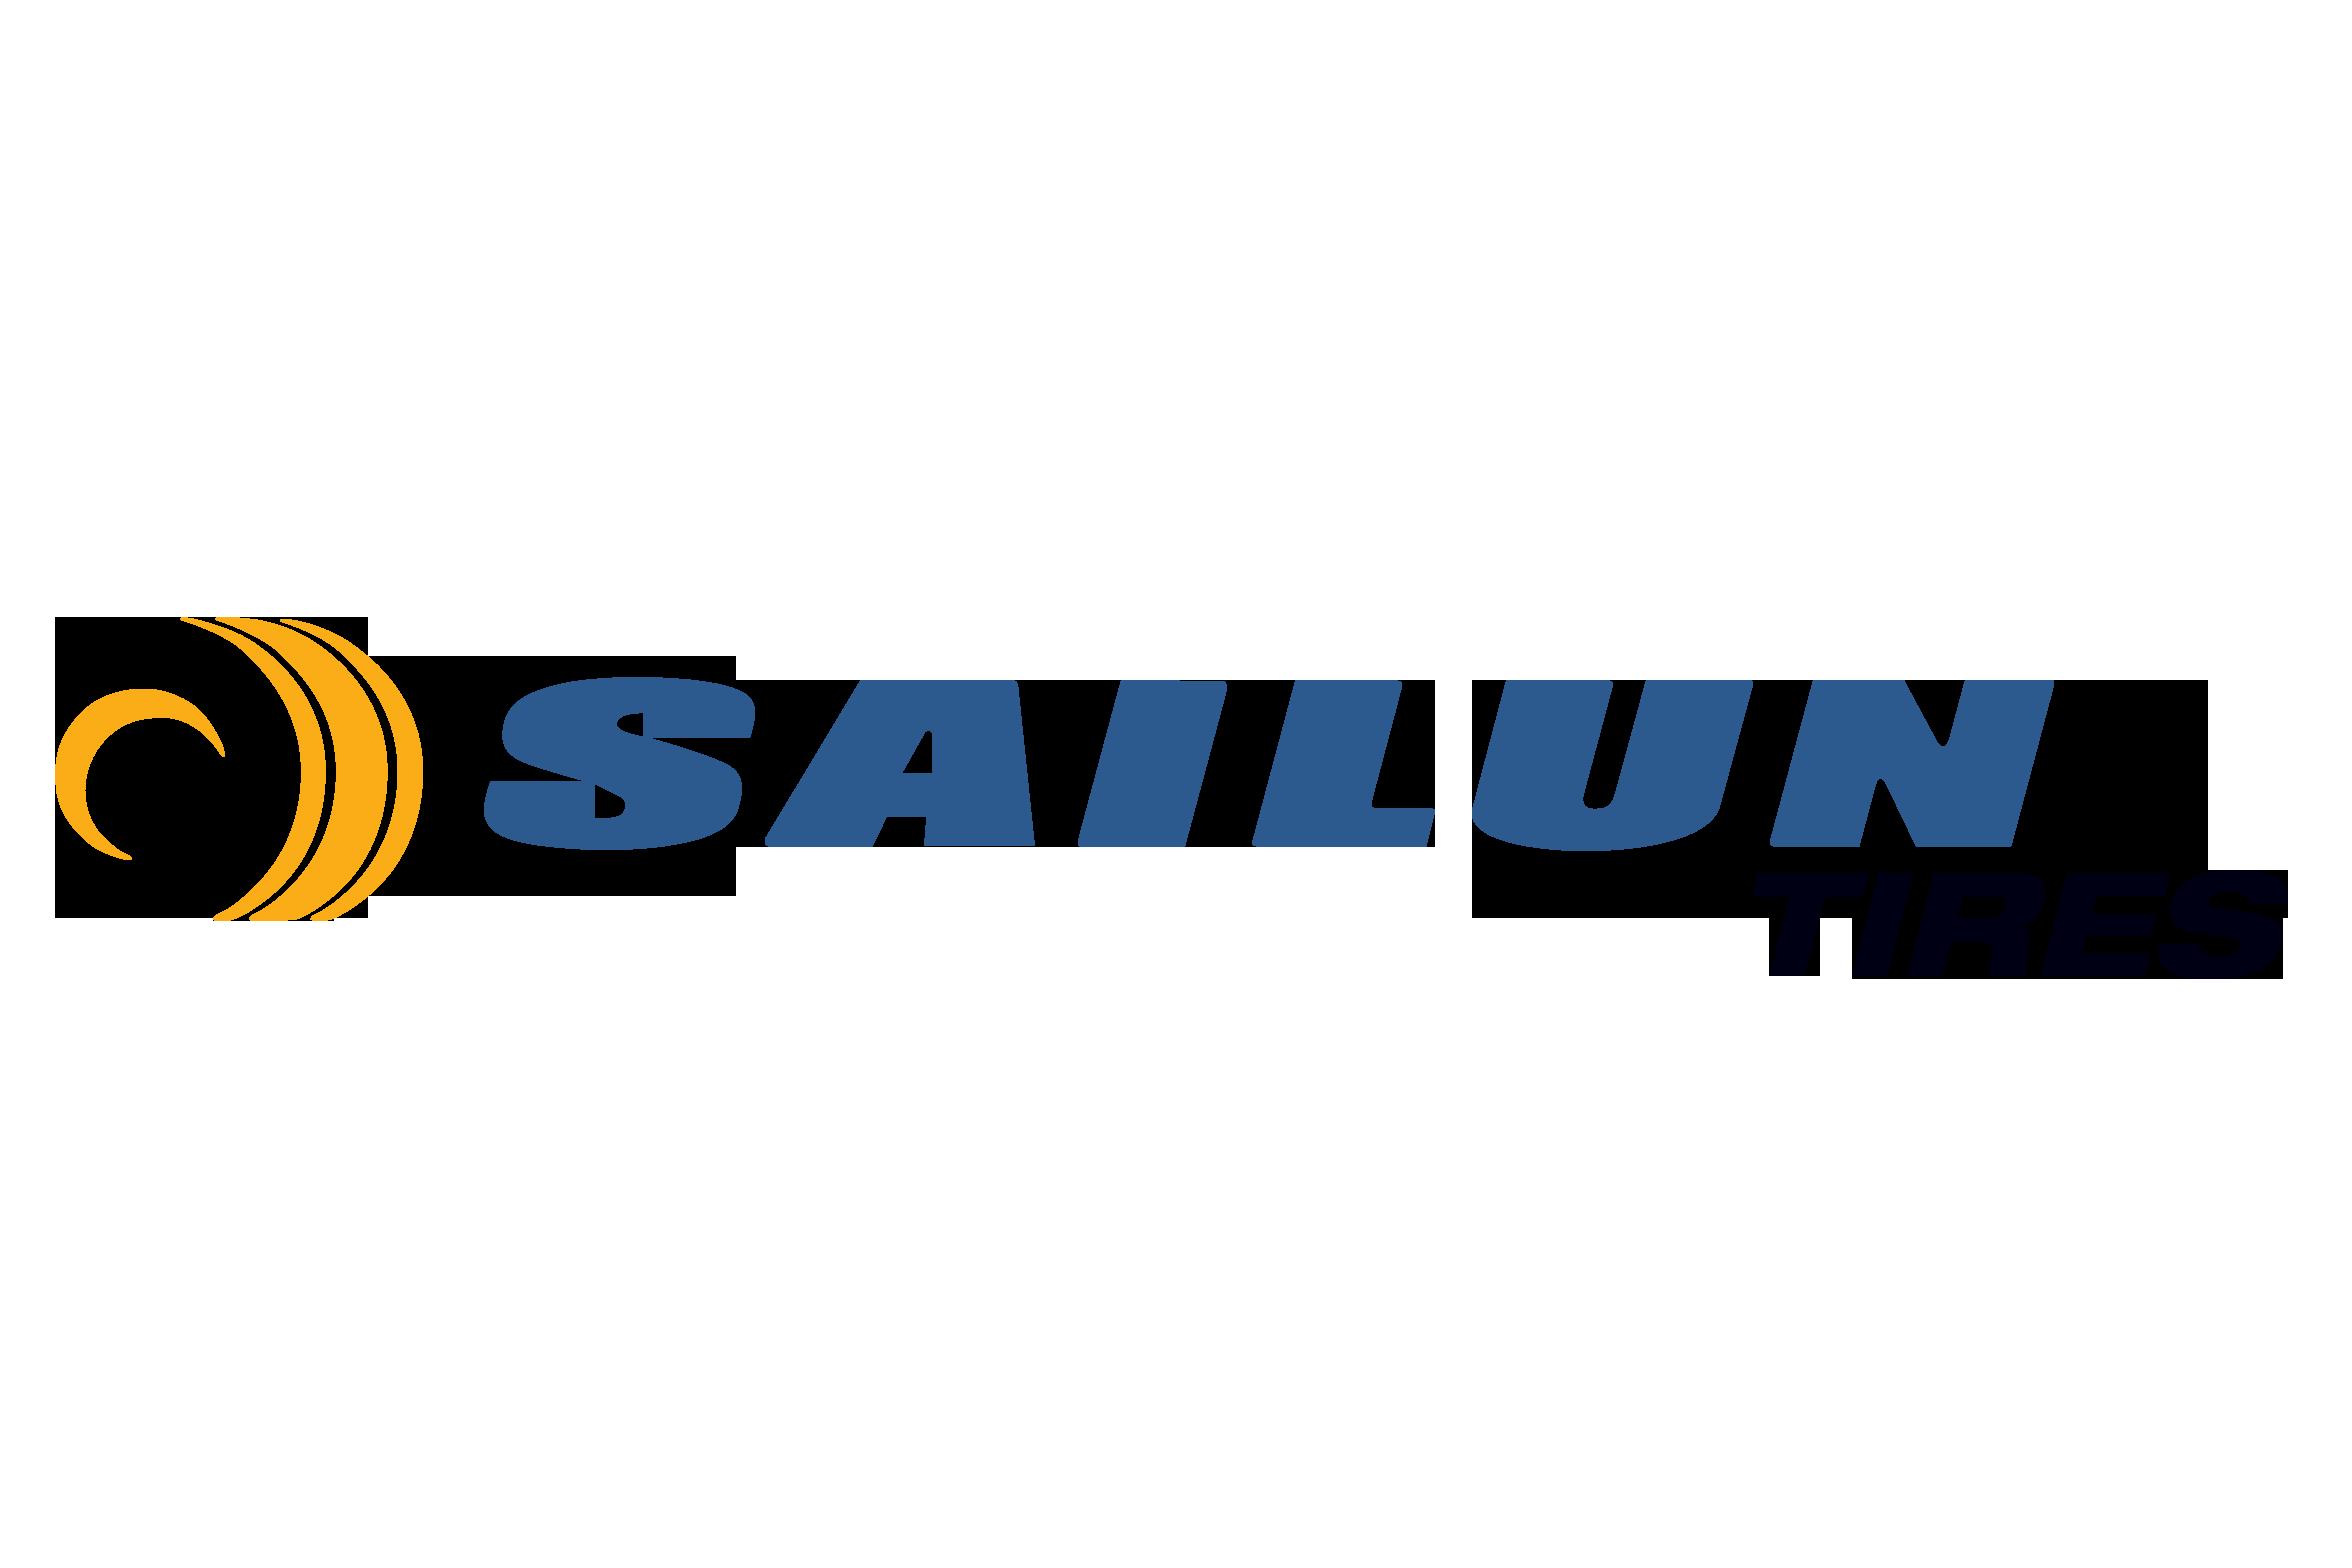 sailun